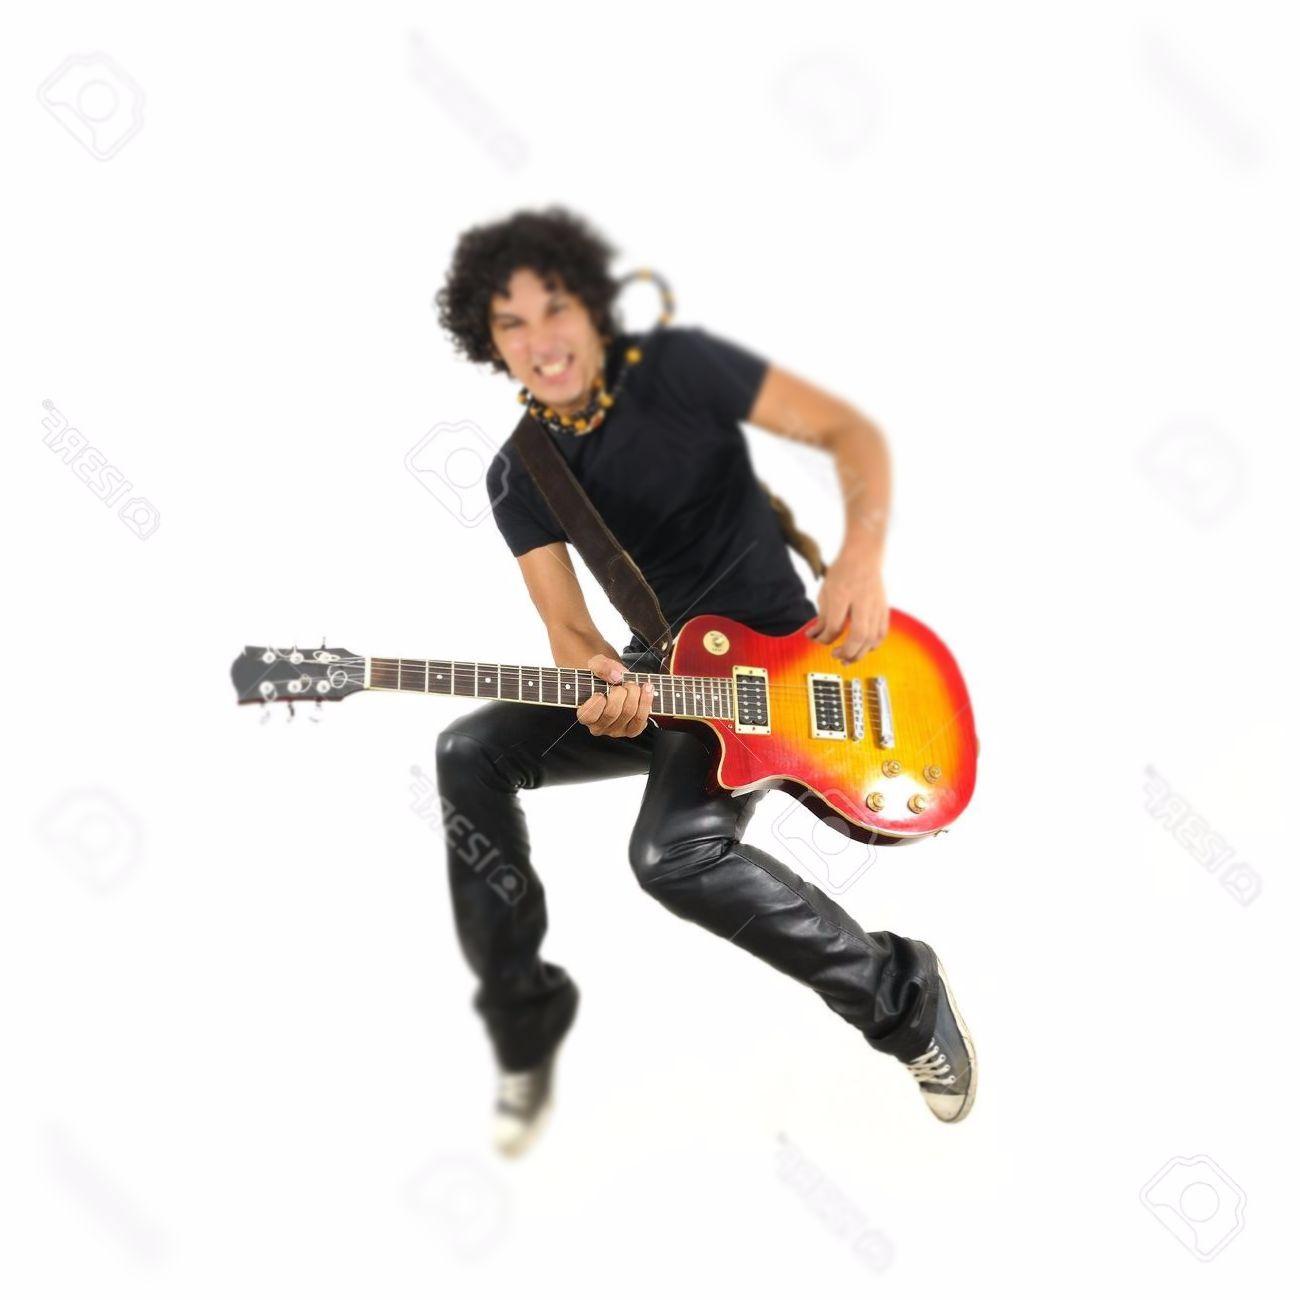 Gitar Çalan Çocuk